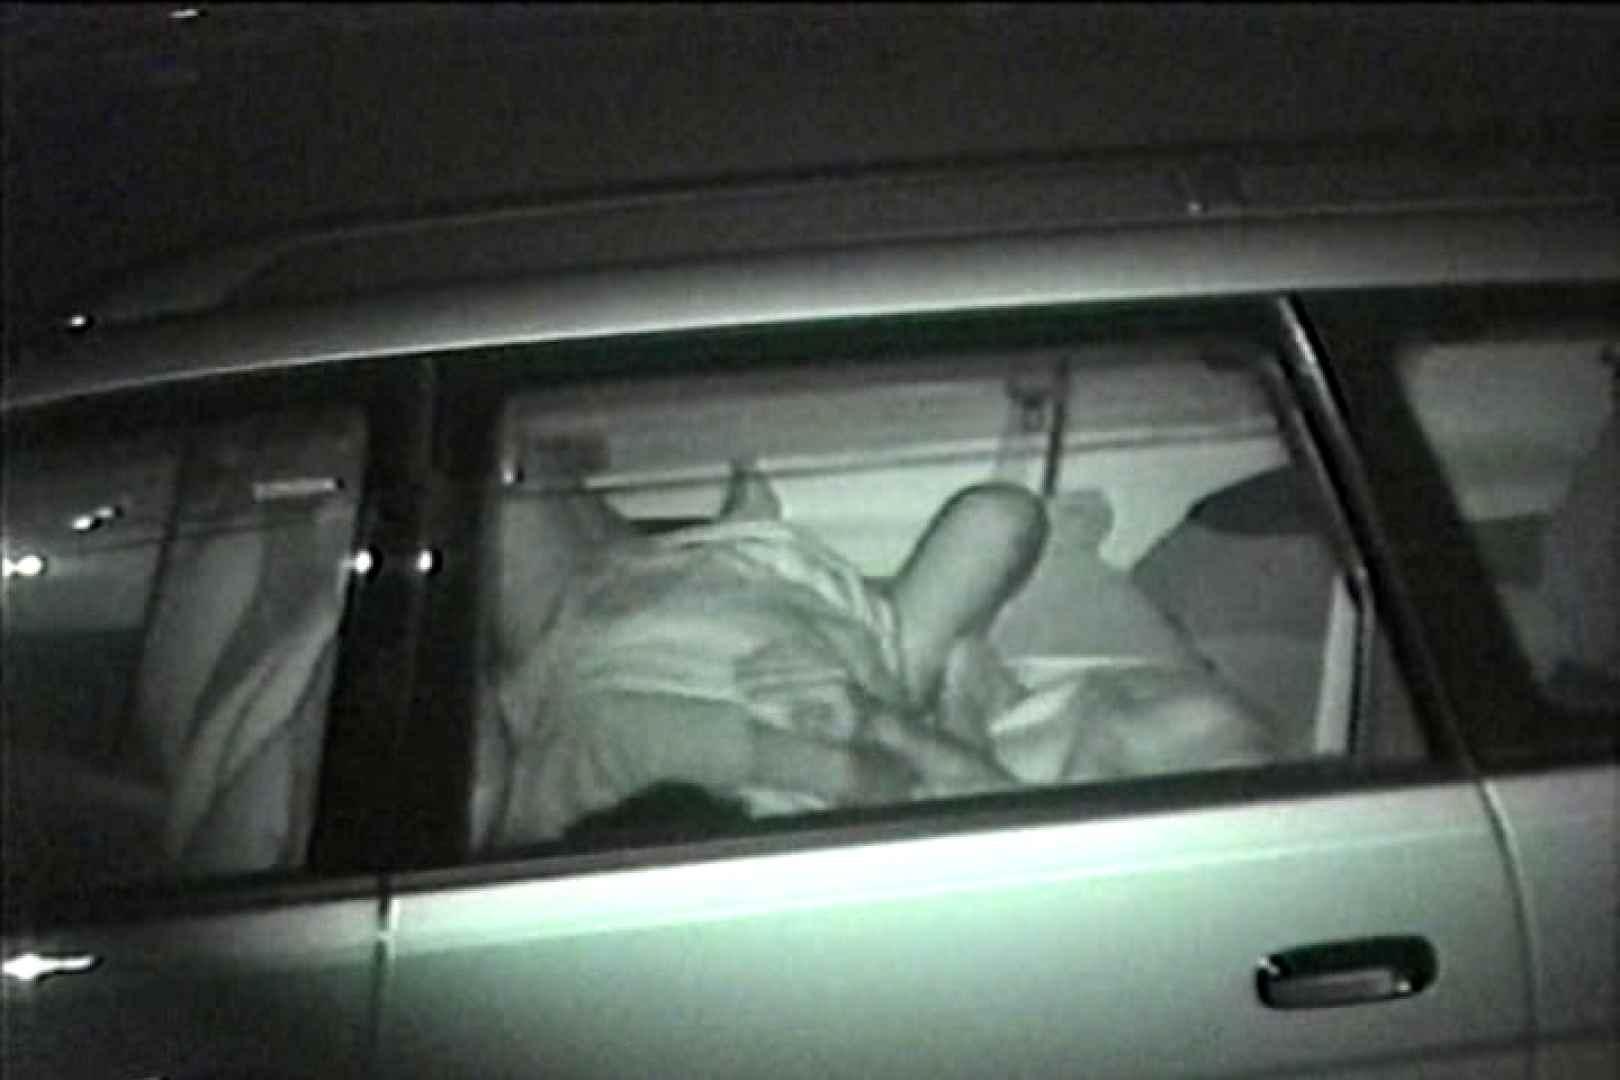 車の中はラブホテル 無修正版  Vol.7 カーセックス 盗撮ヌード画像 96連発 70